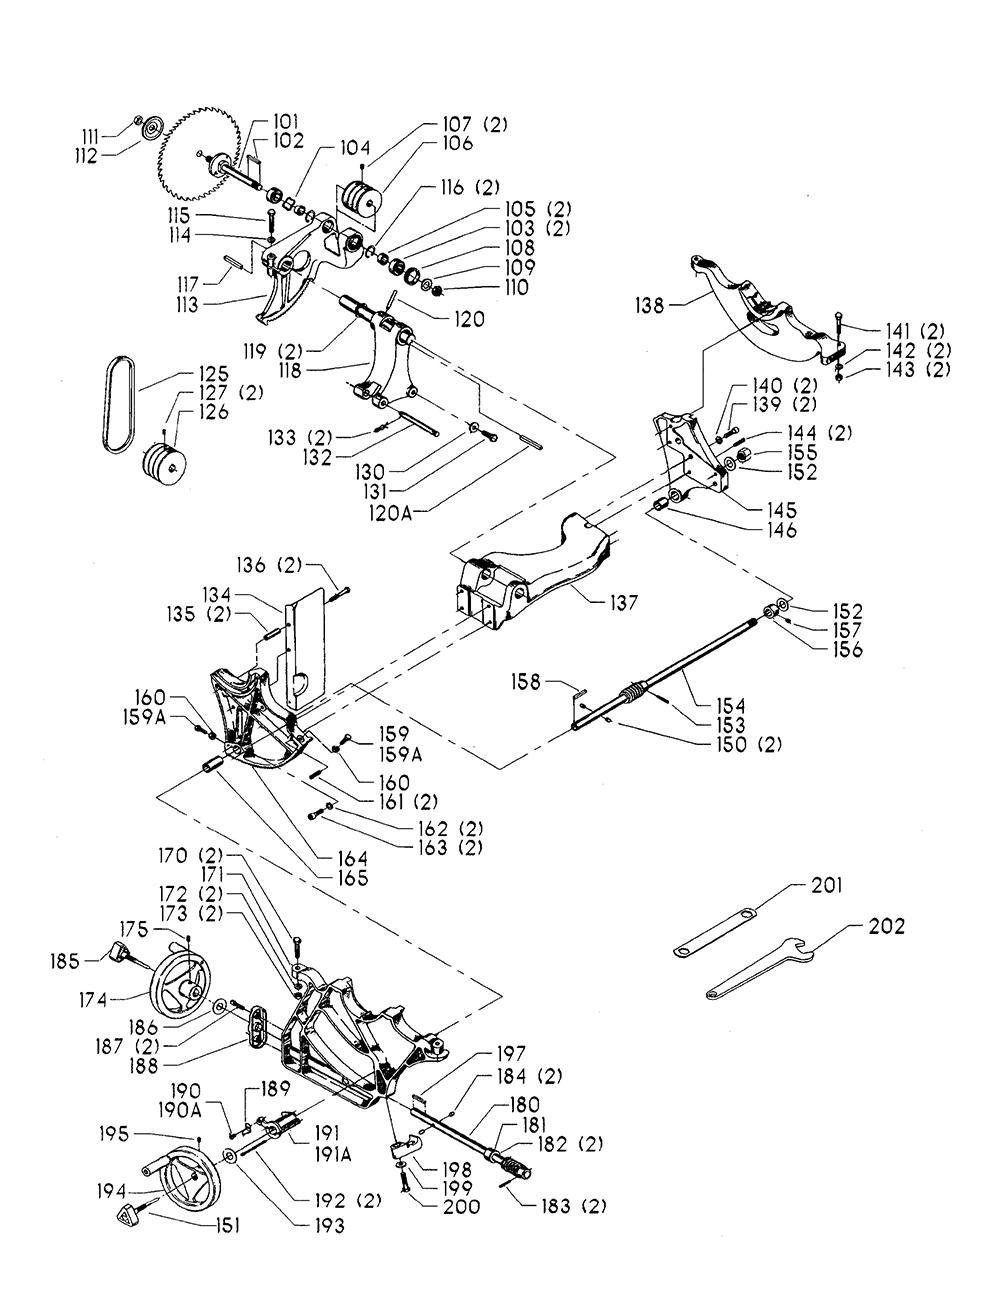 34-765-T3-Delta-PB-1Break Down